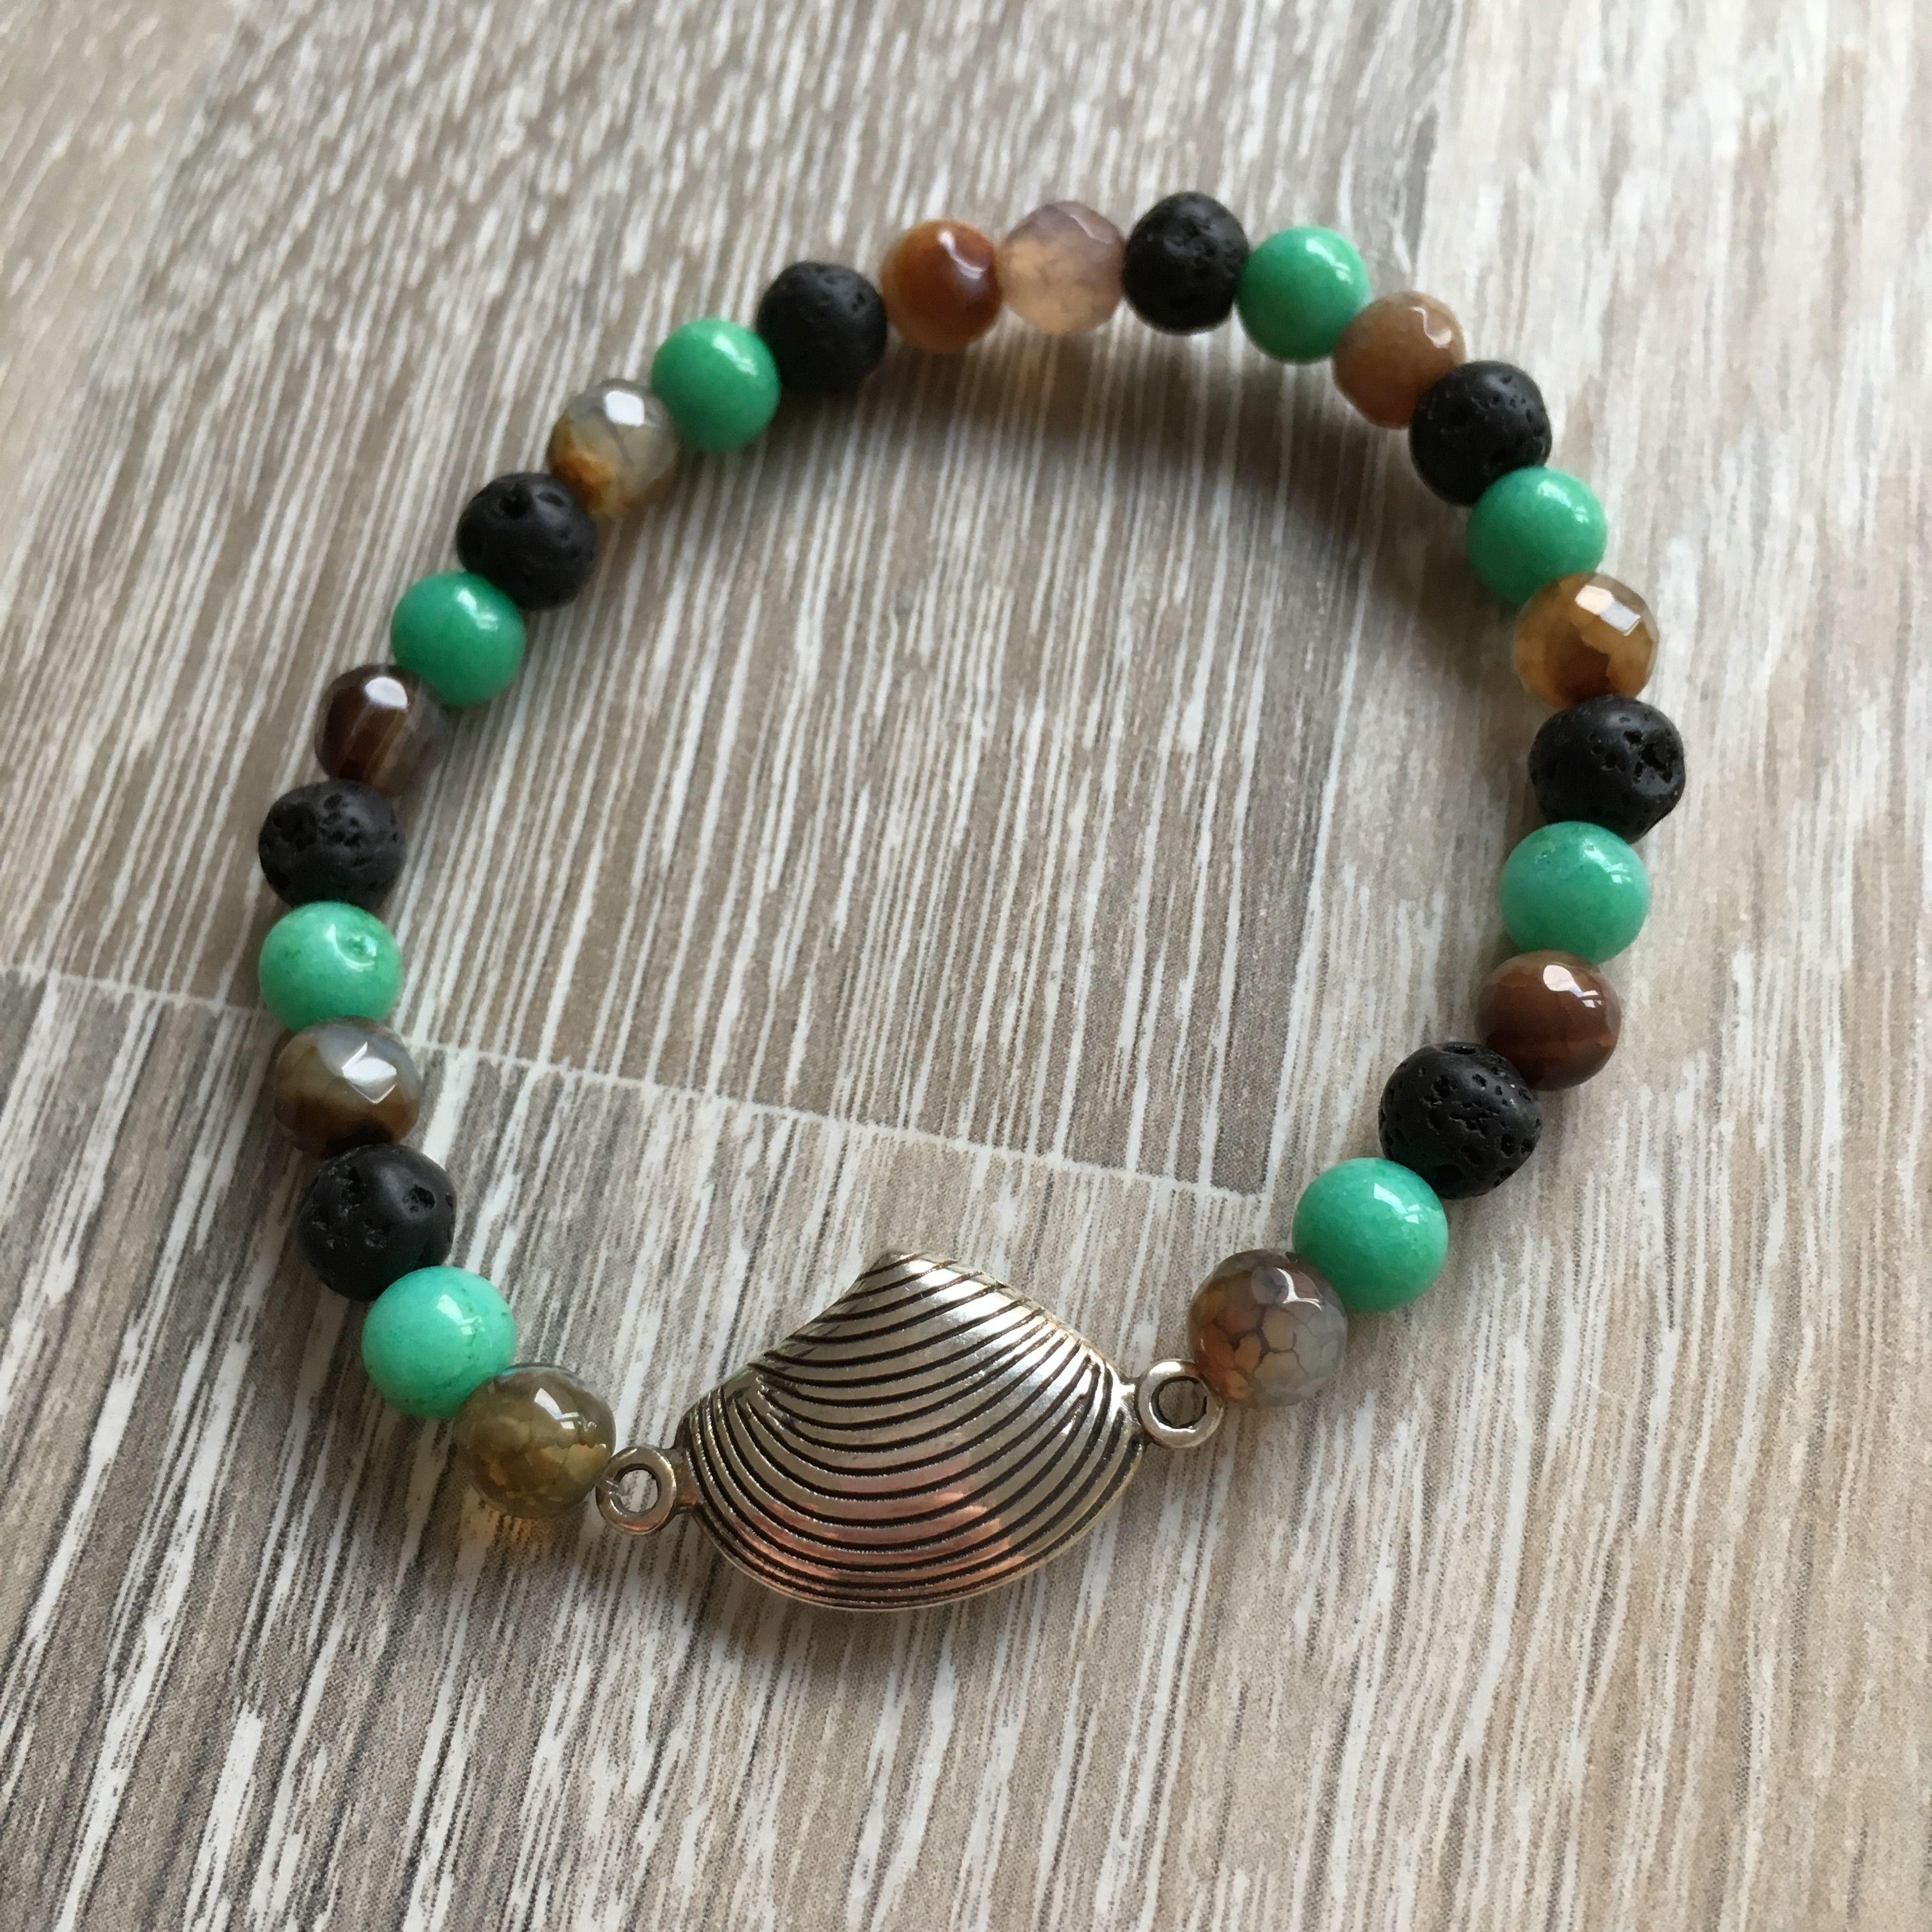 Armband van 6mm groen jade, zwart lavasteen en meerkleurig (bruin) agaat met metalen schelp. Van JuudsBoetiek, te bestellen op www.juudsboetiek.nl